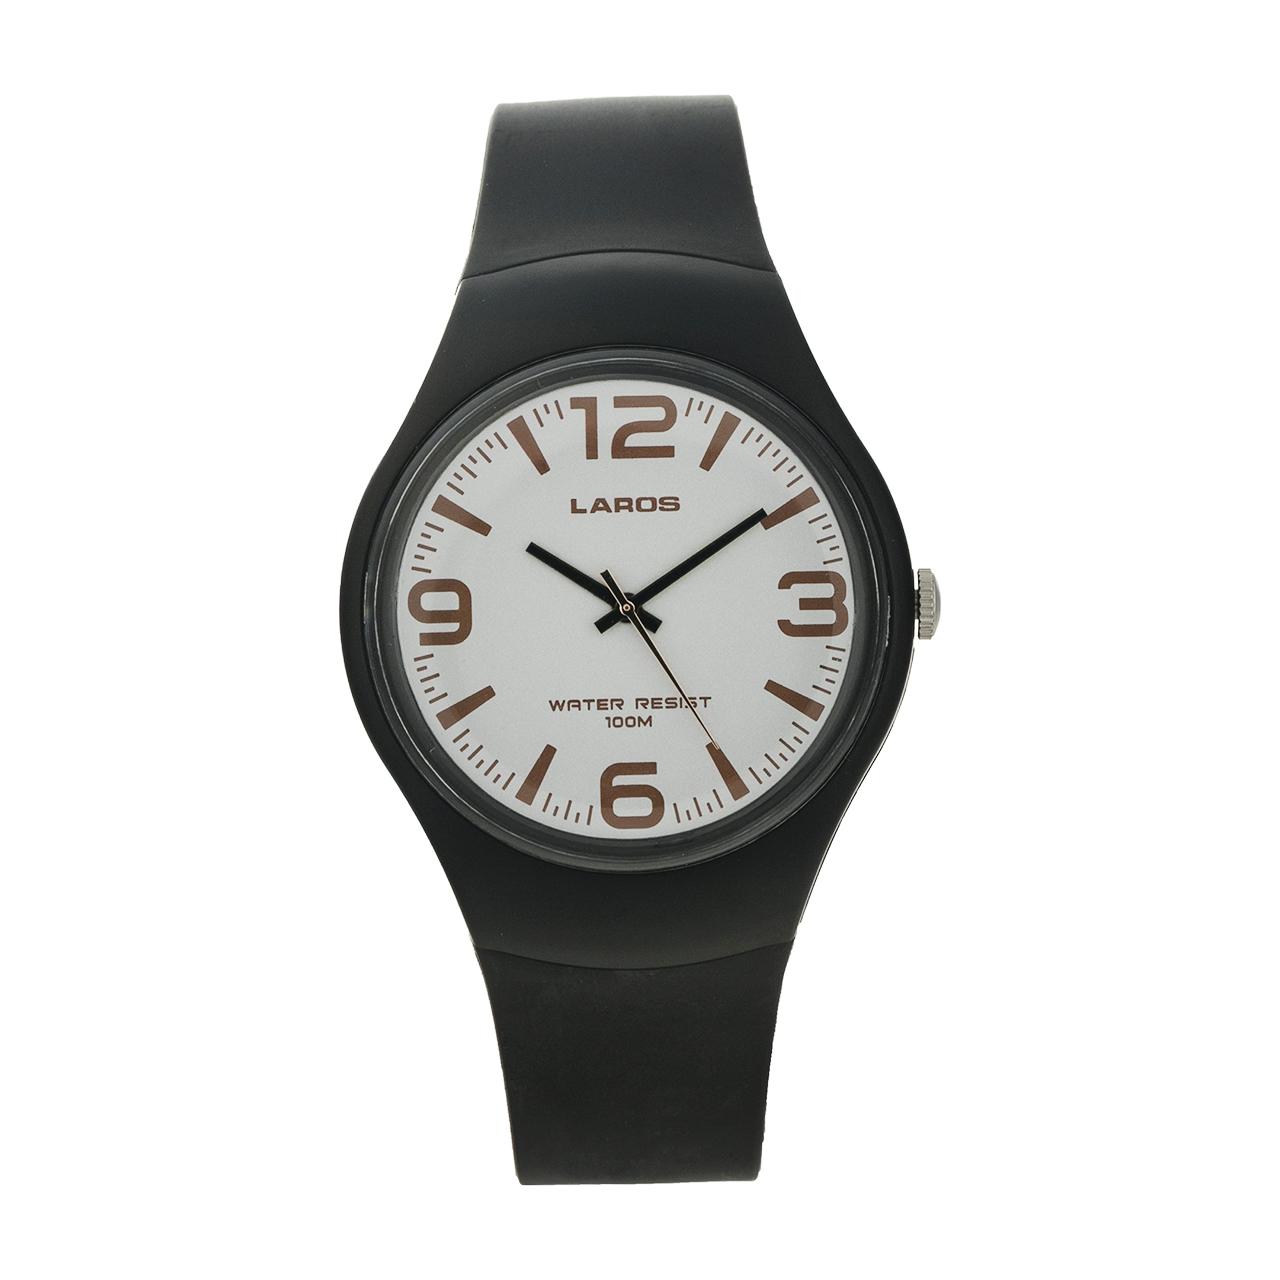 ساعت لاروس عقربه ای مردانه مدل AQ1066A-0AAX-D8 4